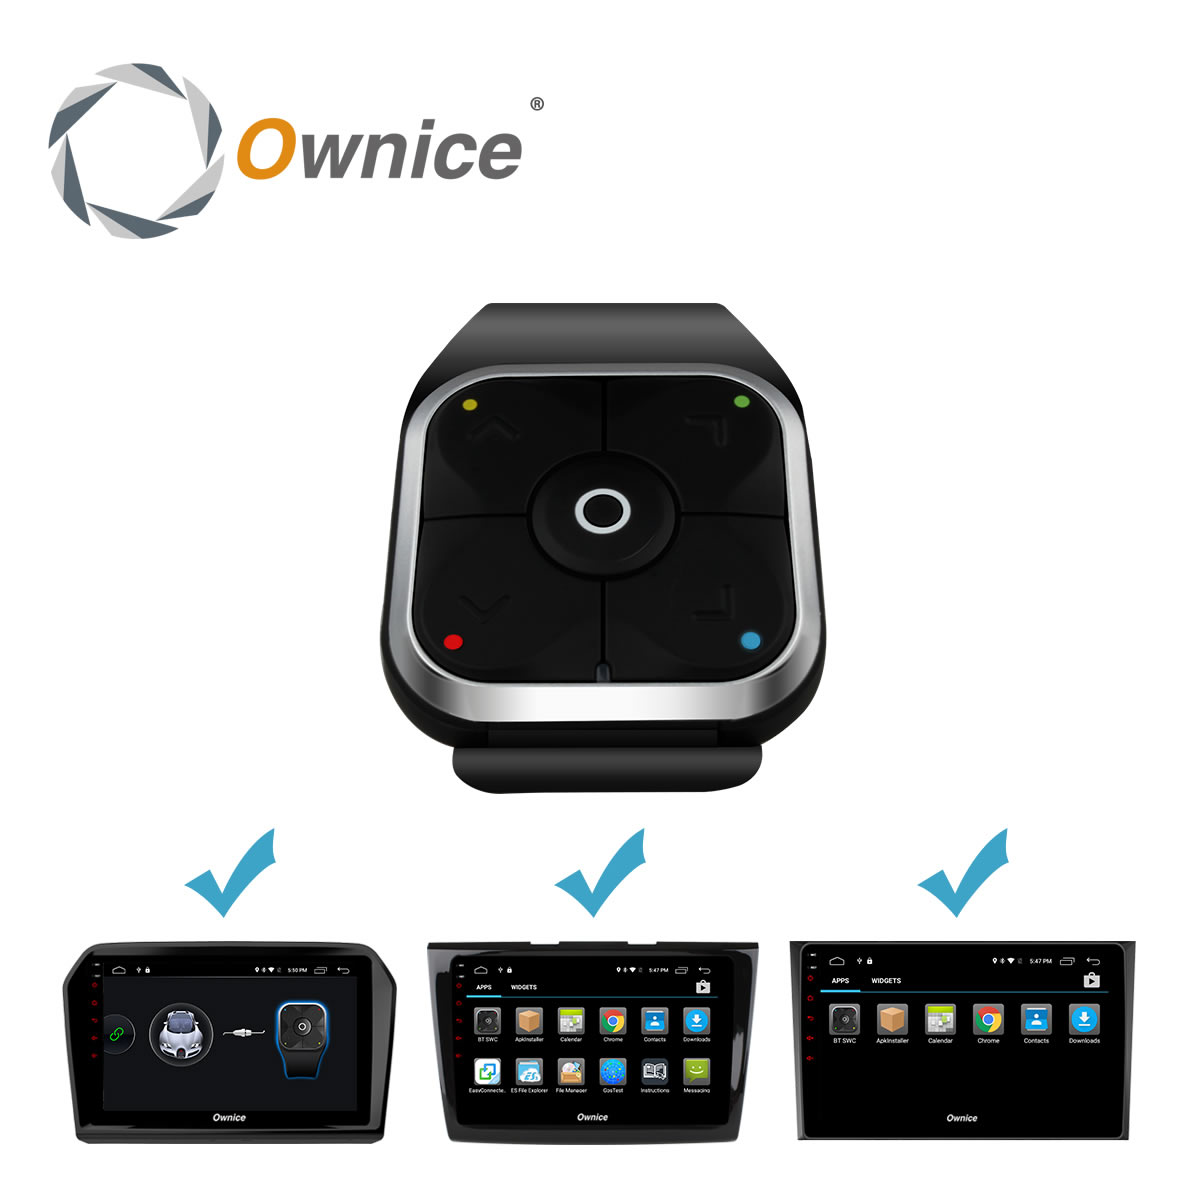 Spezielle Bluetooth lenkrad-steuerung wireless media Taste ohne Batterie Nur Für Ownice Android Auto DVD